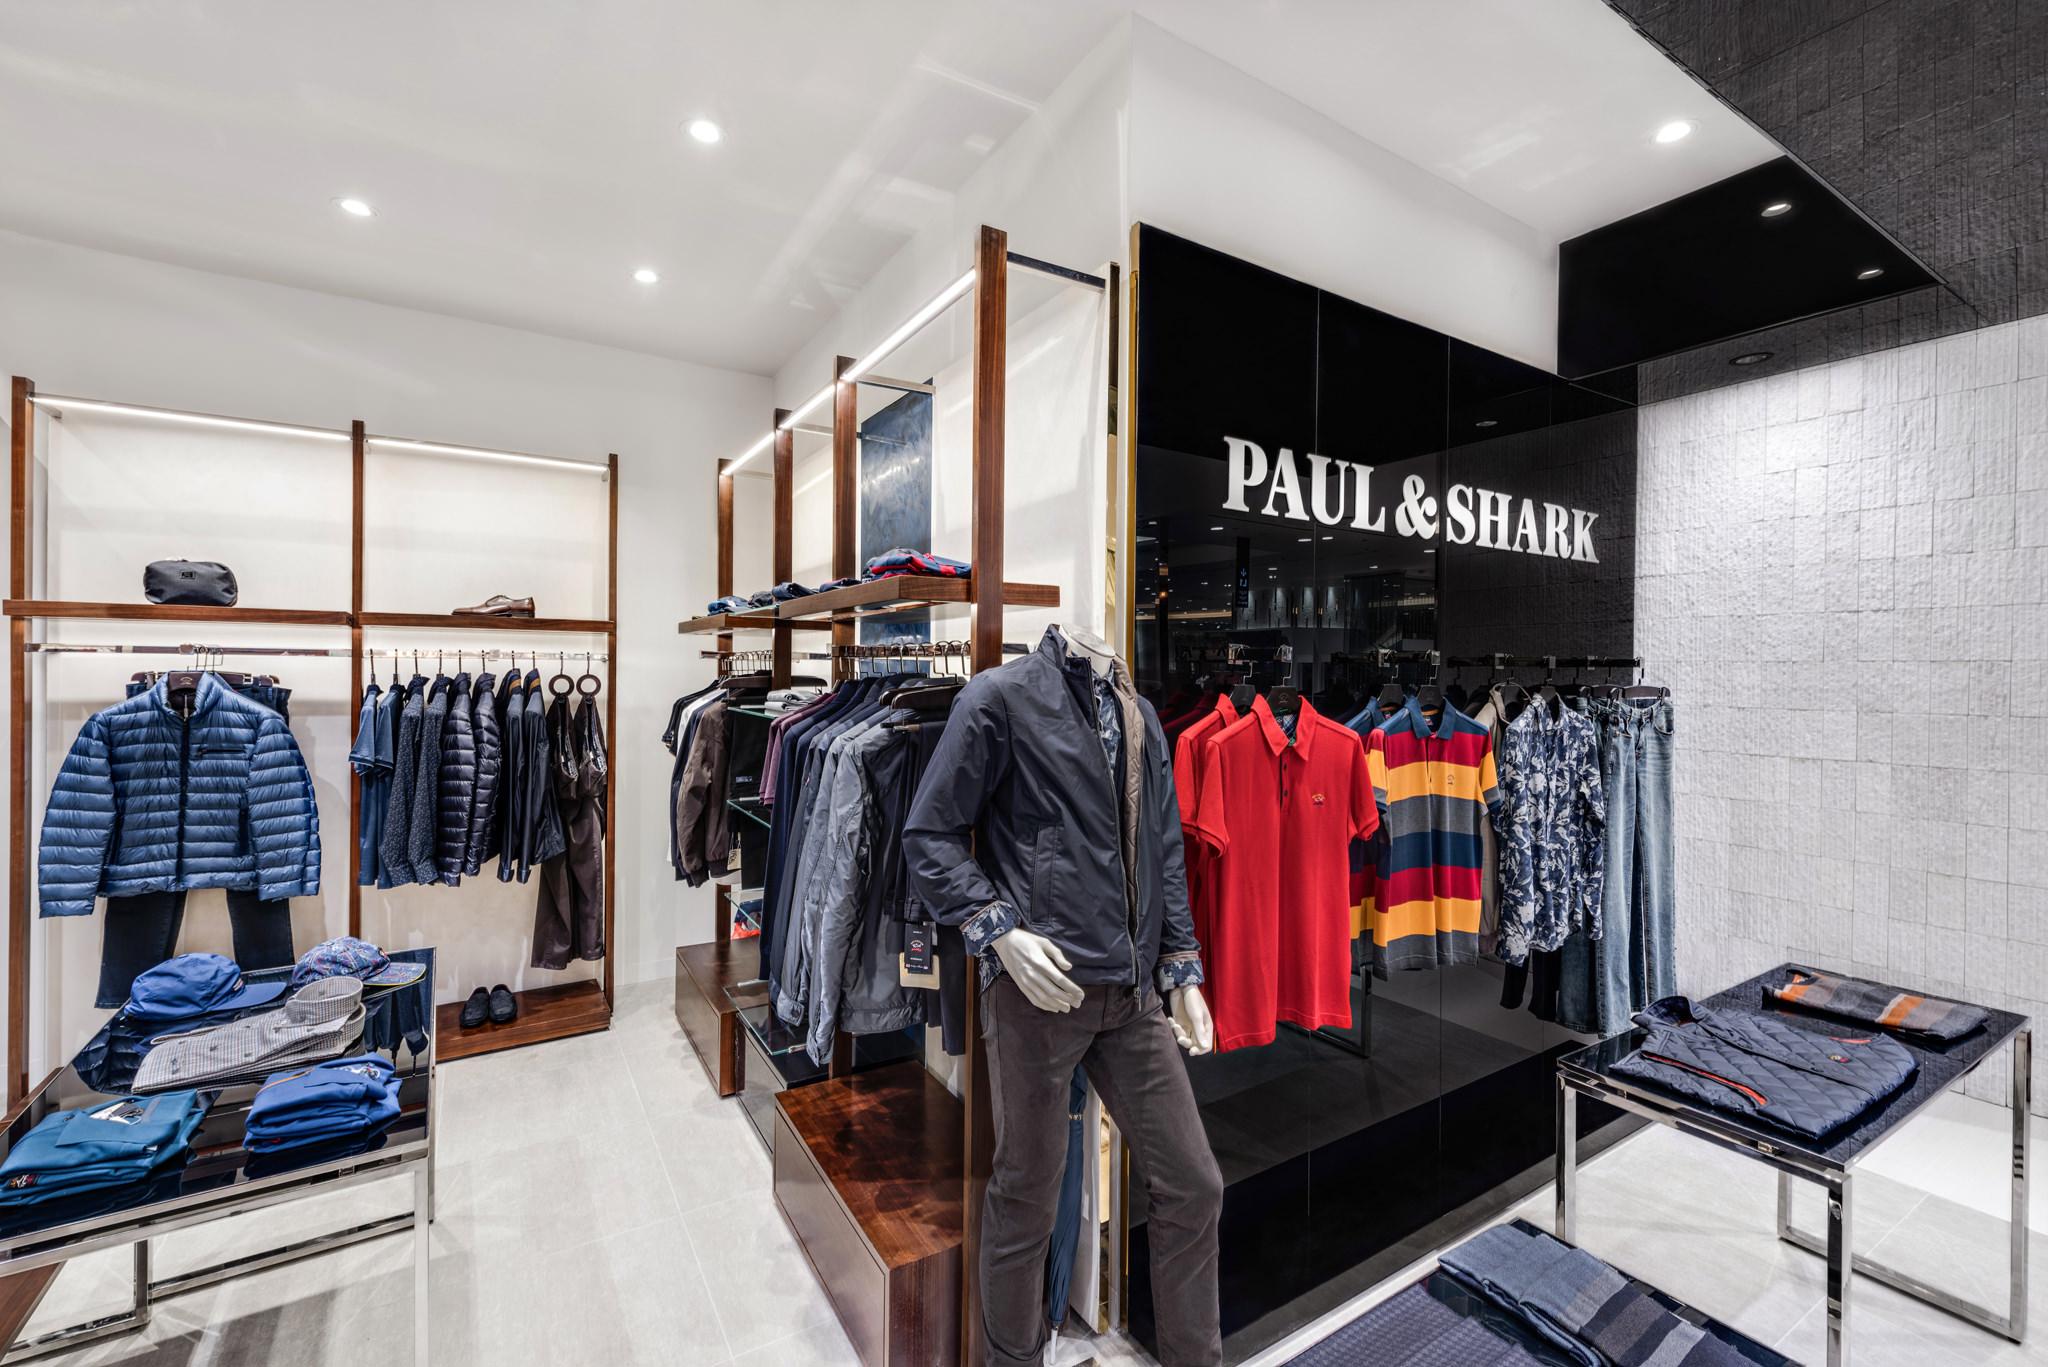 20160729 - Paul & Shark - HCM - Commercial - Interior - Store - Retouch 0007.jpg